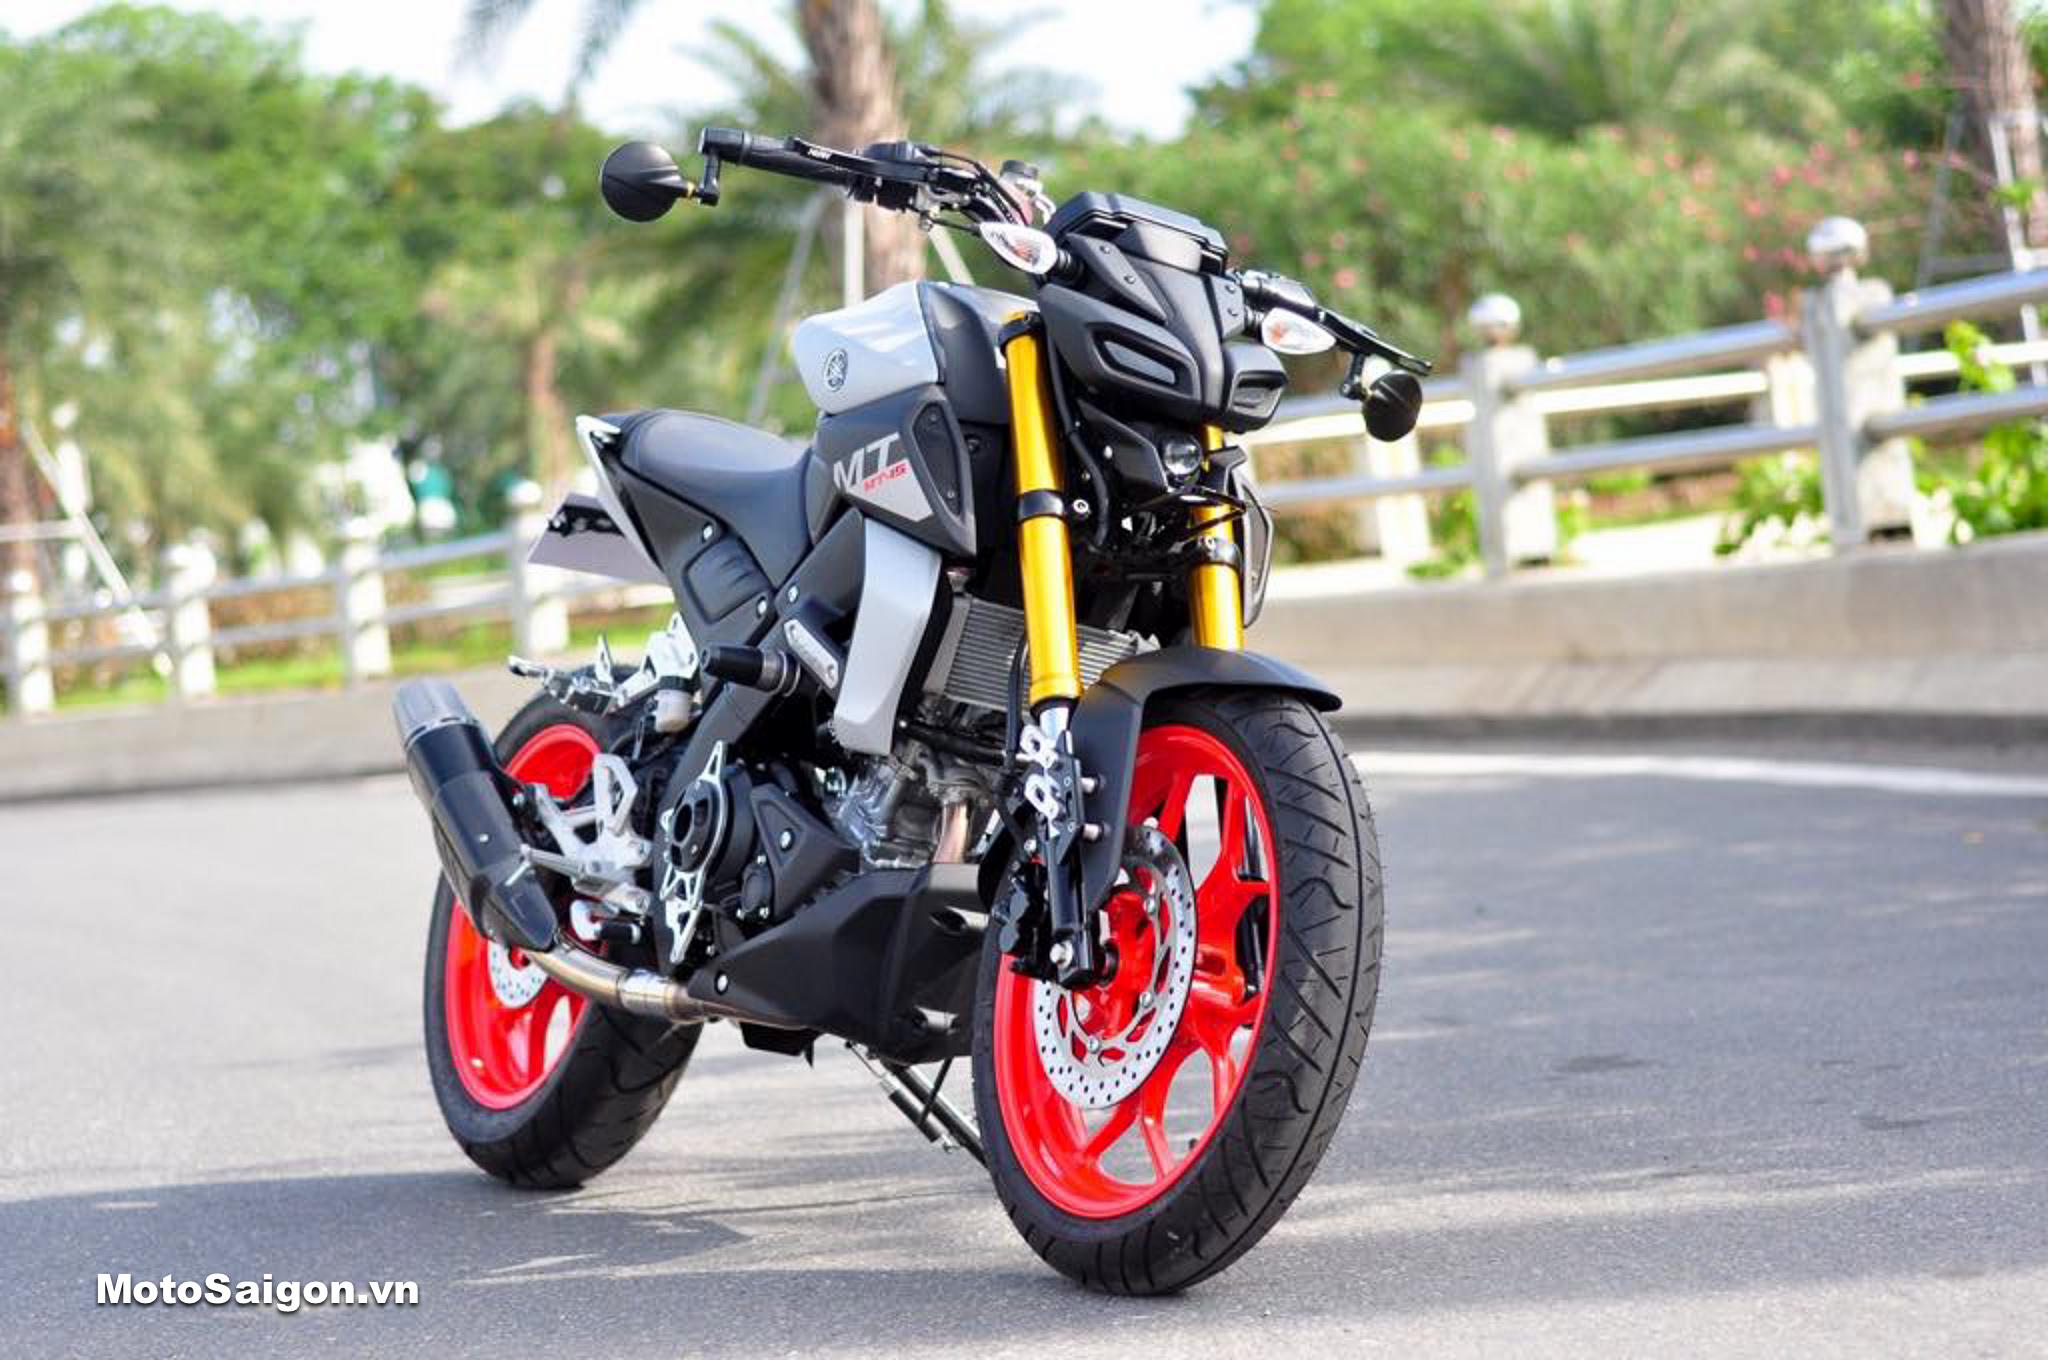 Yamaha MT-15 giá bán 75 triệu vừa khui thùng đã độ đồ chơi